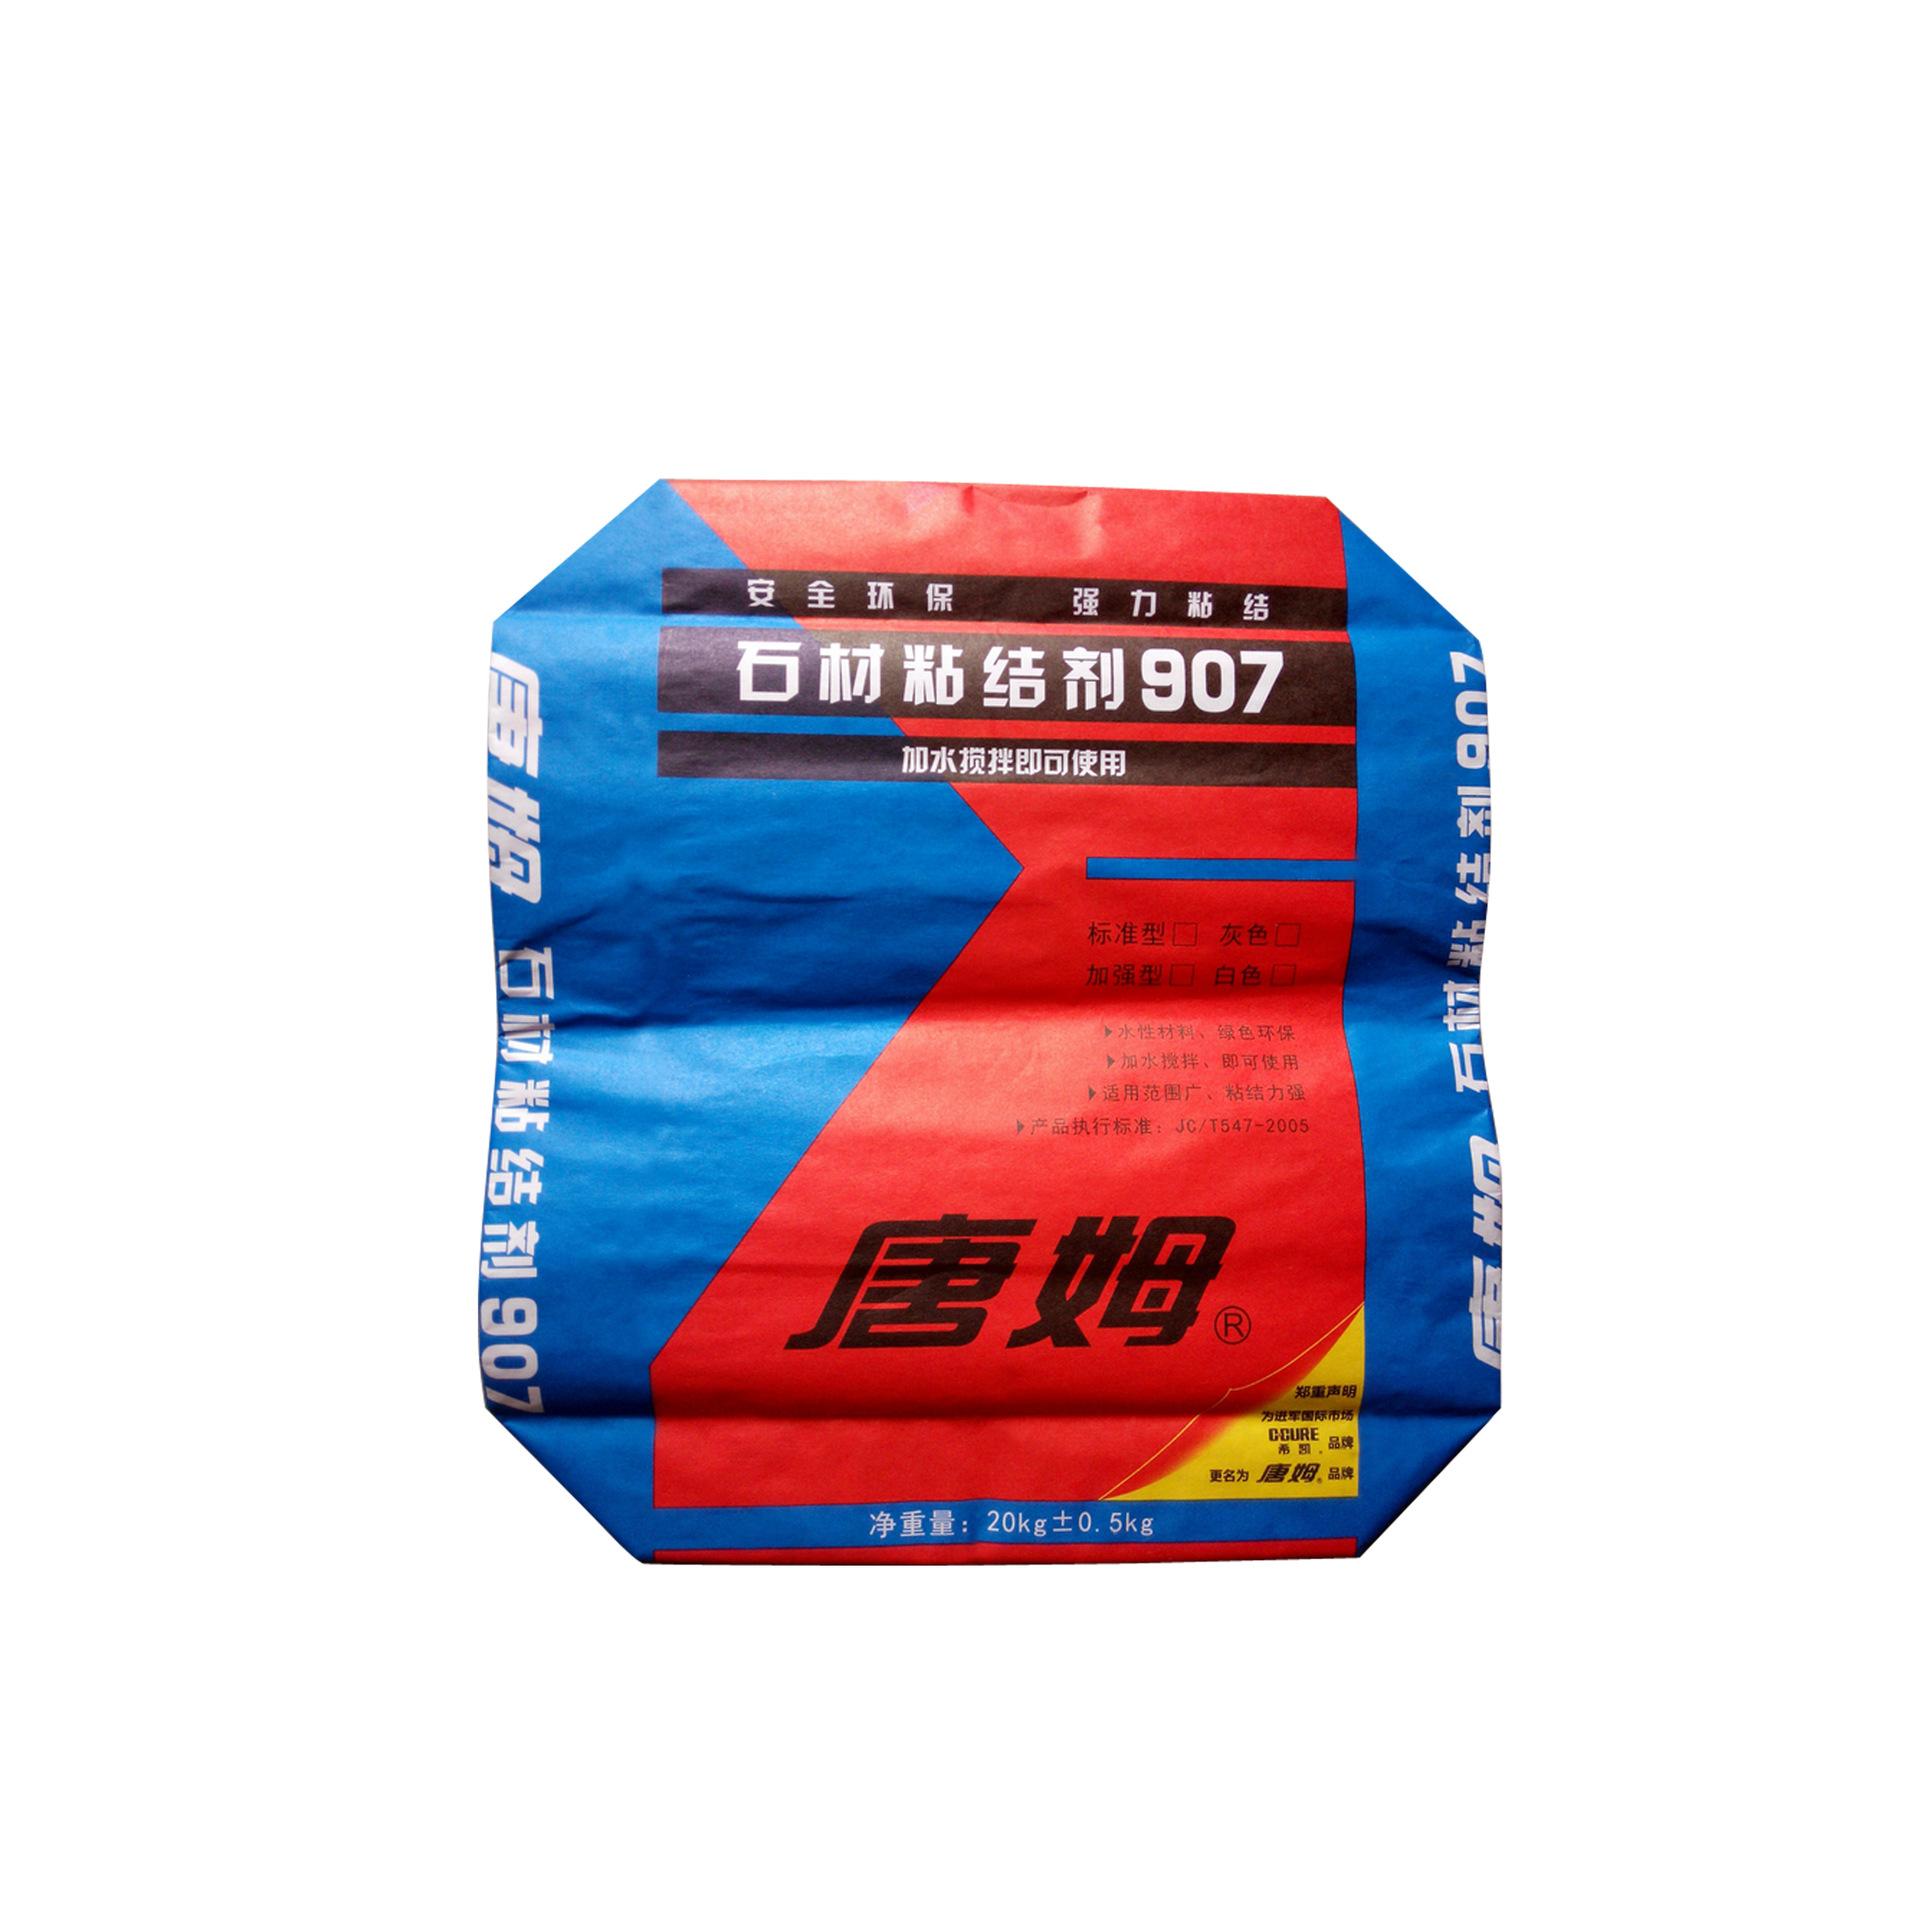 牛皮纸包装袋 20kg德高瓷砖胶专用牛皮纸包装袋 阿里巴巴图片